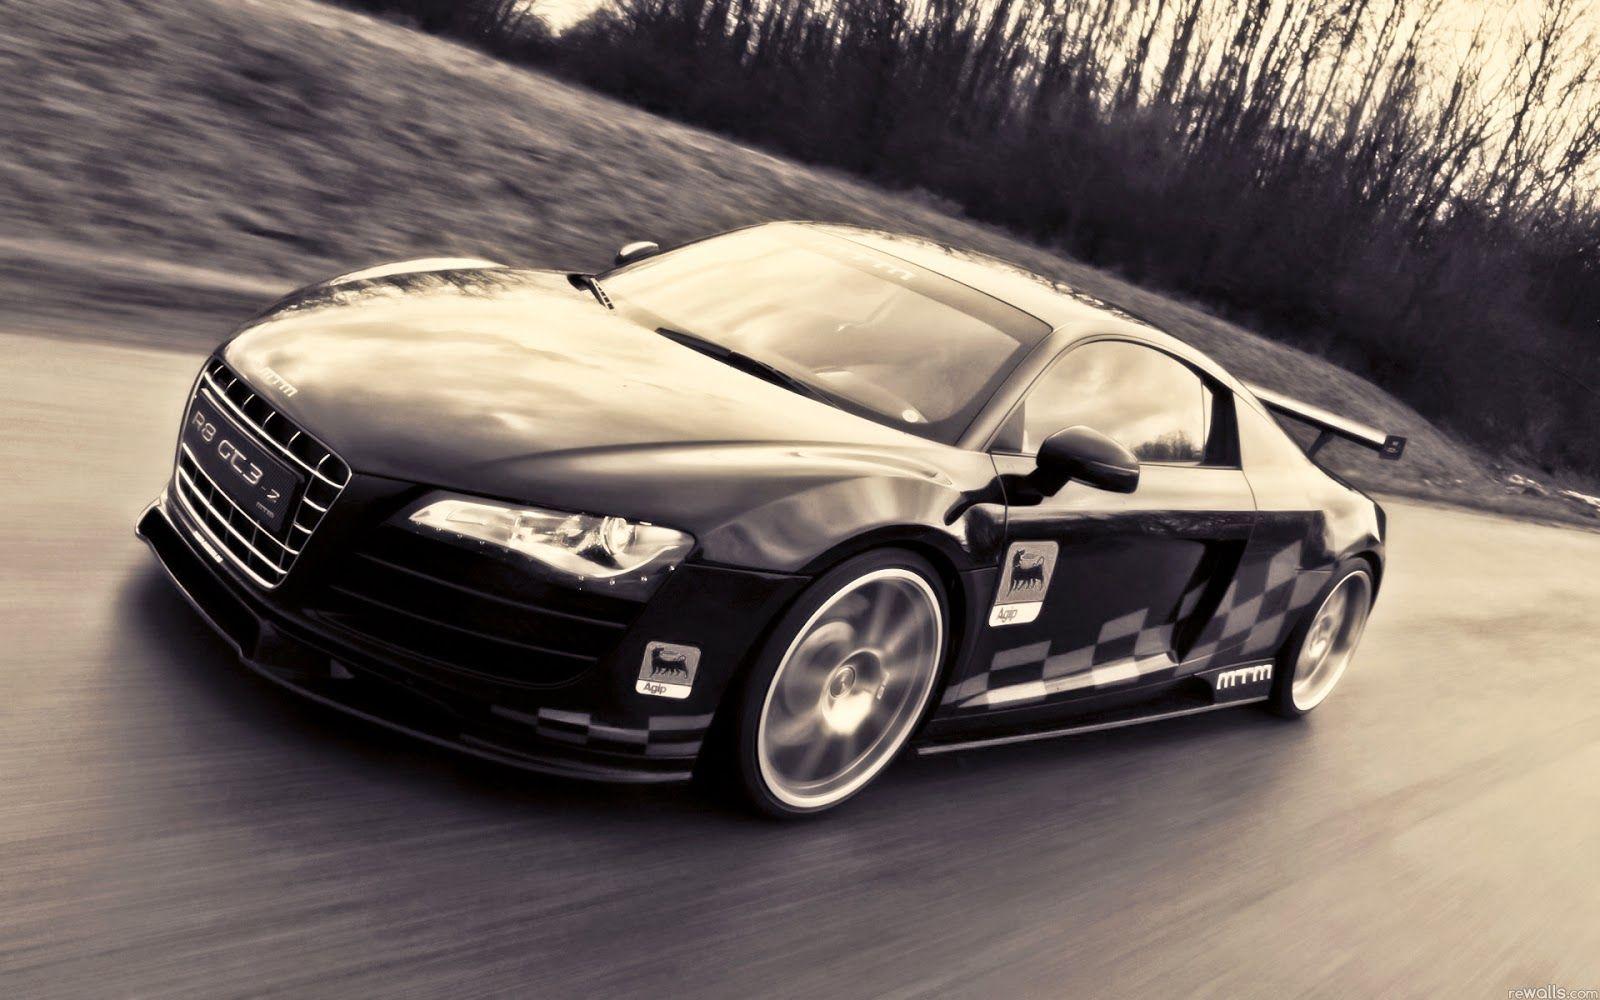 Pics Audi Cars HD Wallpaper TOP CARS WALLPAPER HD Android - Audi car yard adelaide